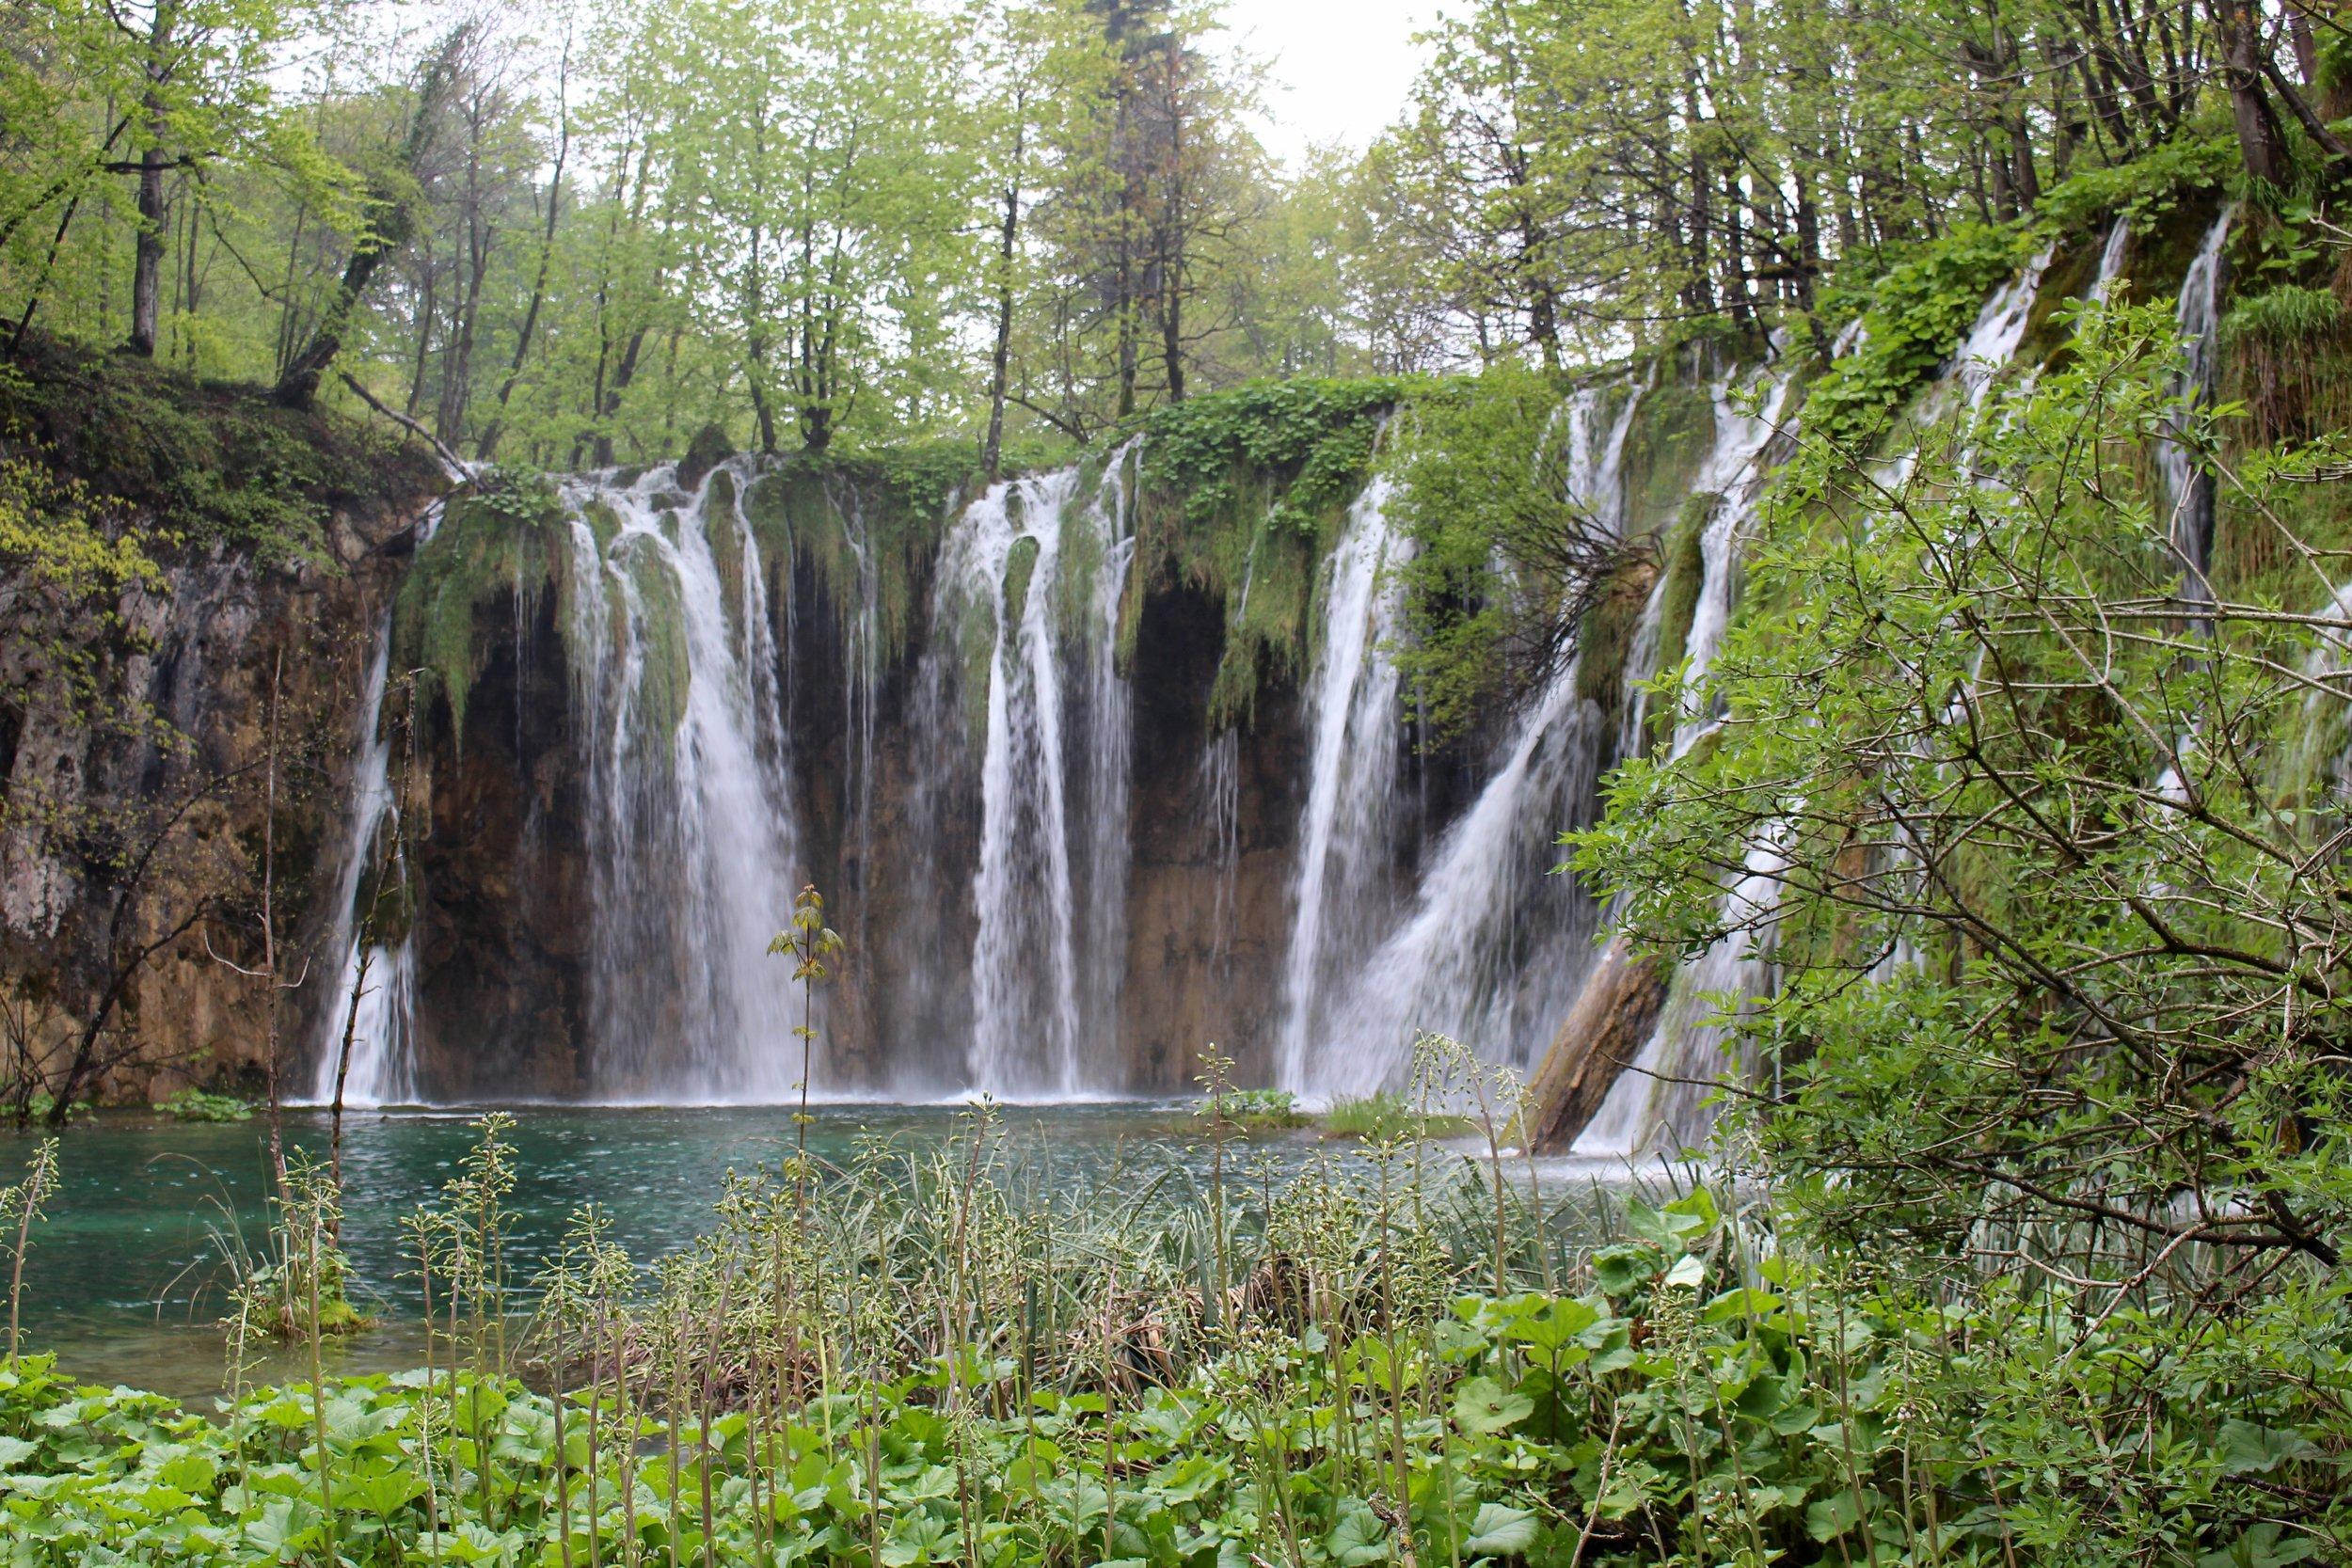 Incredible waterfalls at Plitvice National Park in Croatia